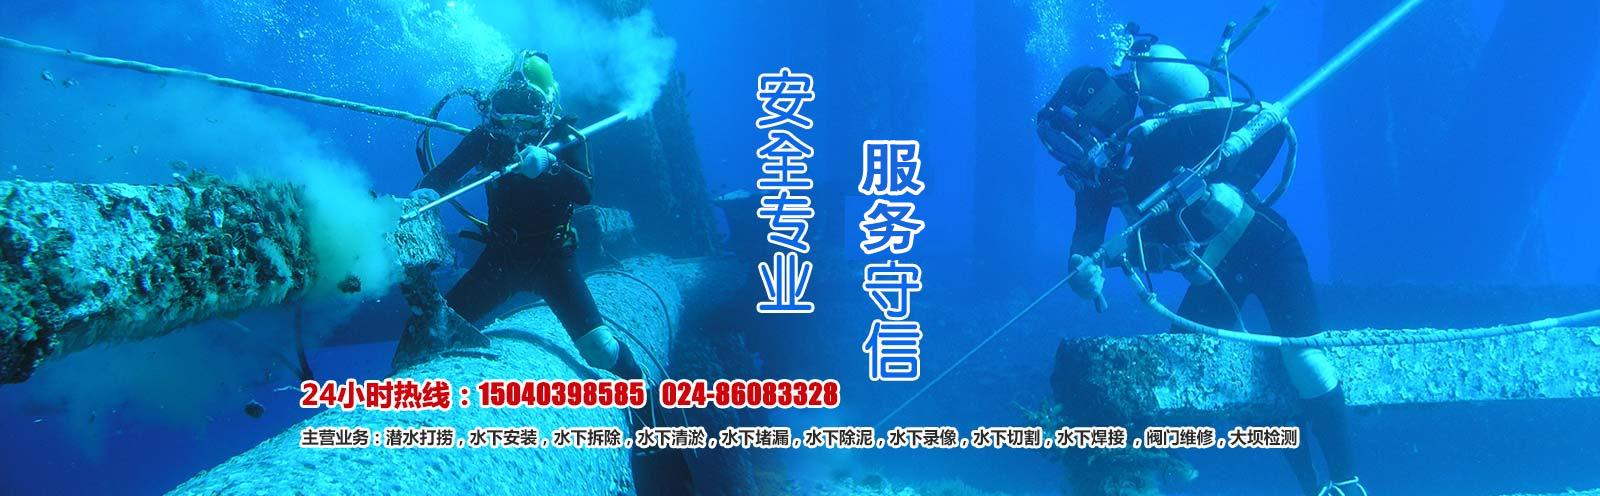 url(http://www.sylongyi.com.cn/upfile/ads/20160907161738-15473779337480664.jpg)